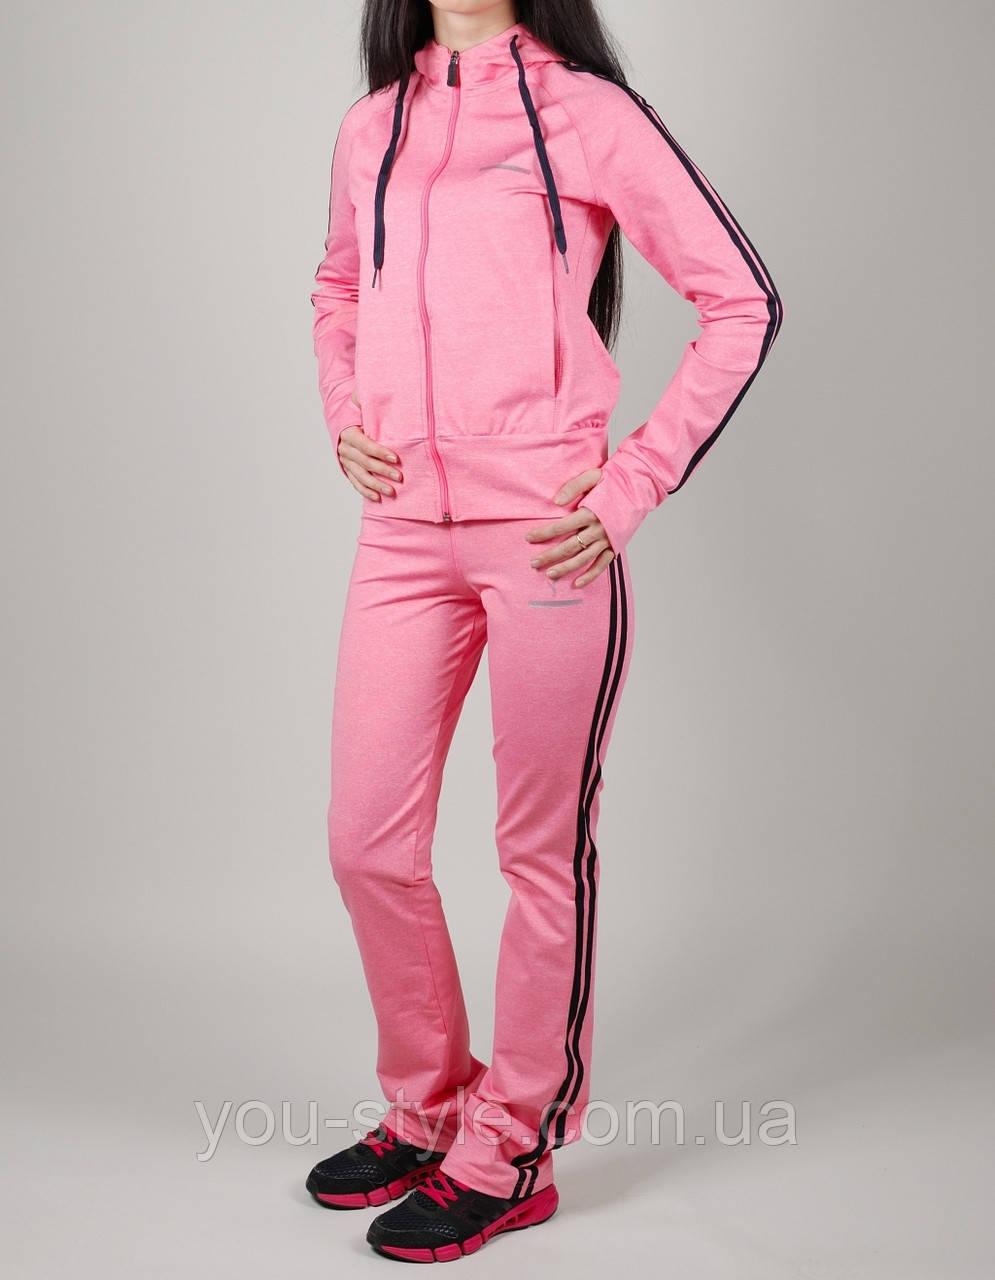 Спортивный костюм женский Speed Life 1051 Розовый